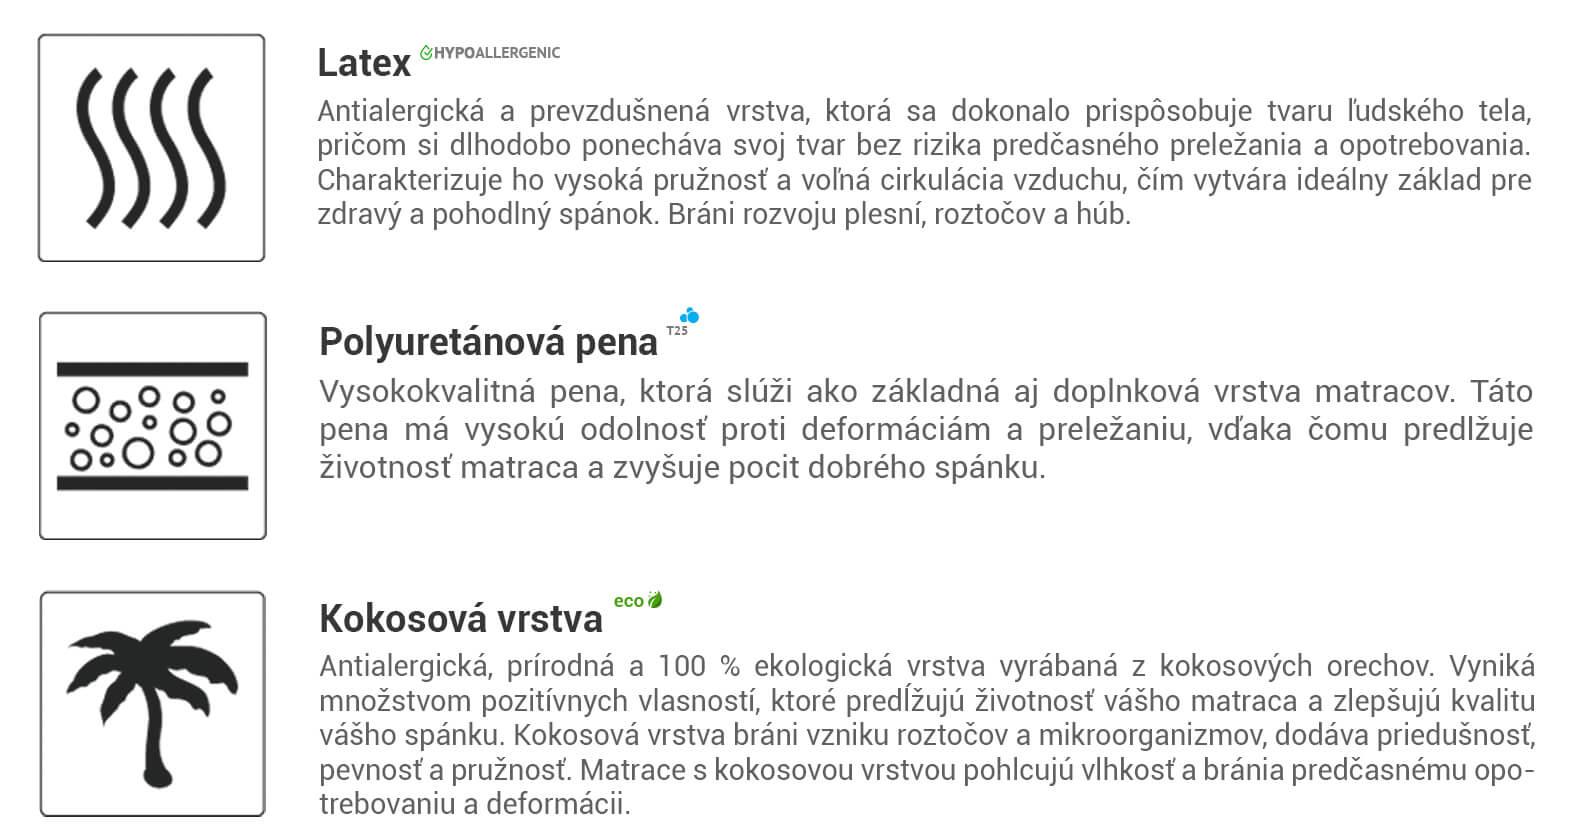 Pikolino_materialy_1